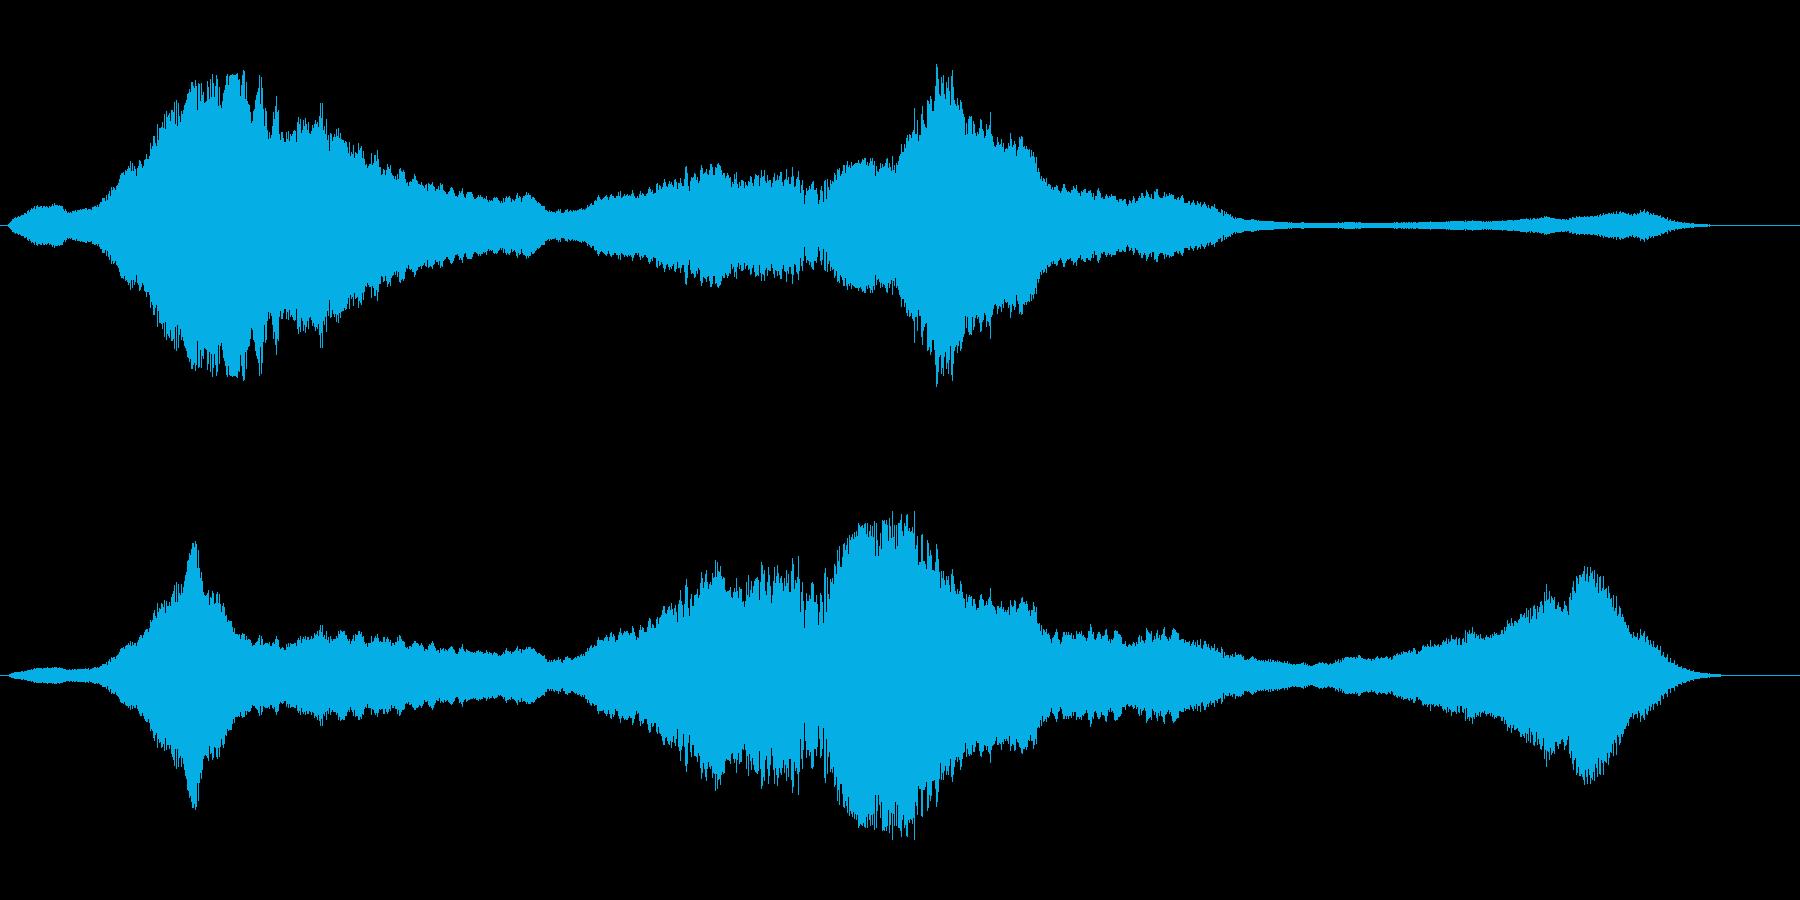 ヒューンヒューン(UFOが浮遊する音)の再生済みの波形